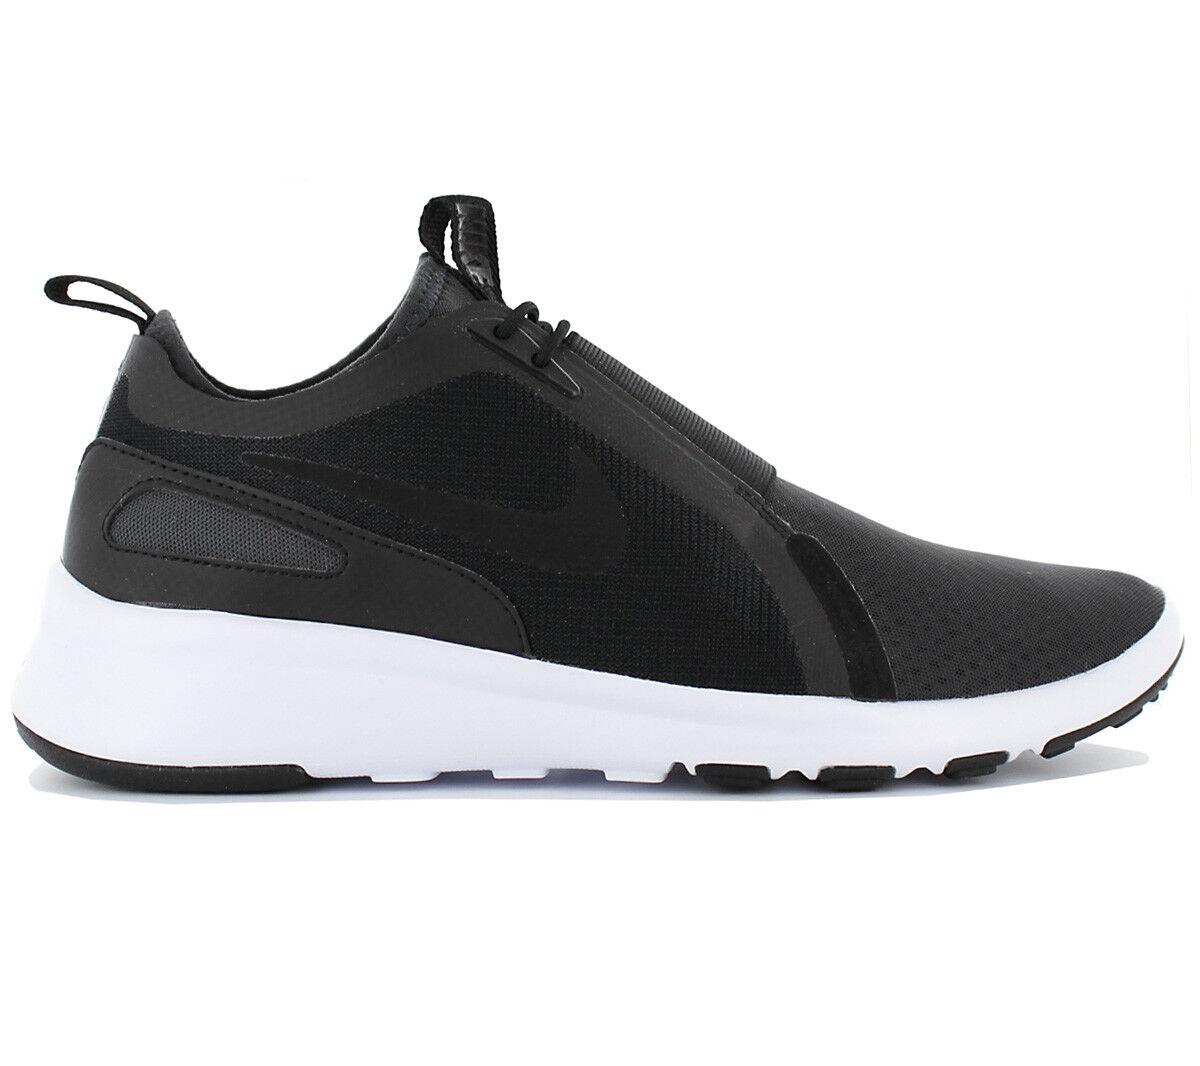 nike aktuelle ausrutscher auf männer - 874160-002 sneakers casual ausbilder frei 874160-002 - schuhe bbe31c